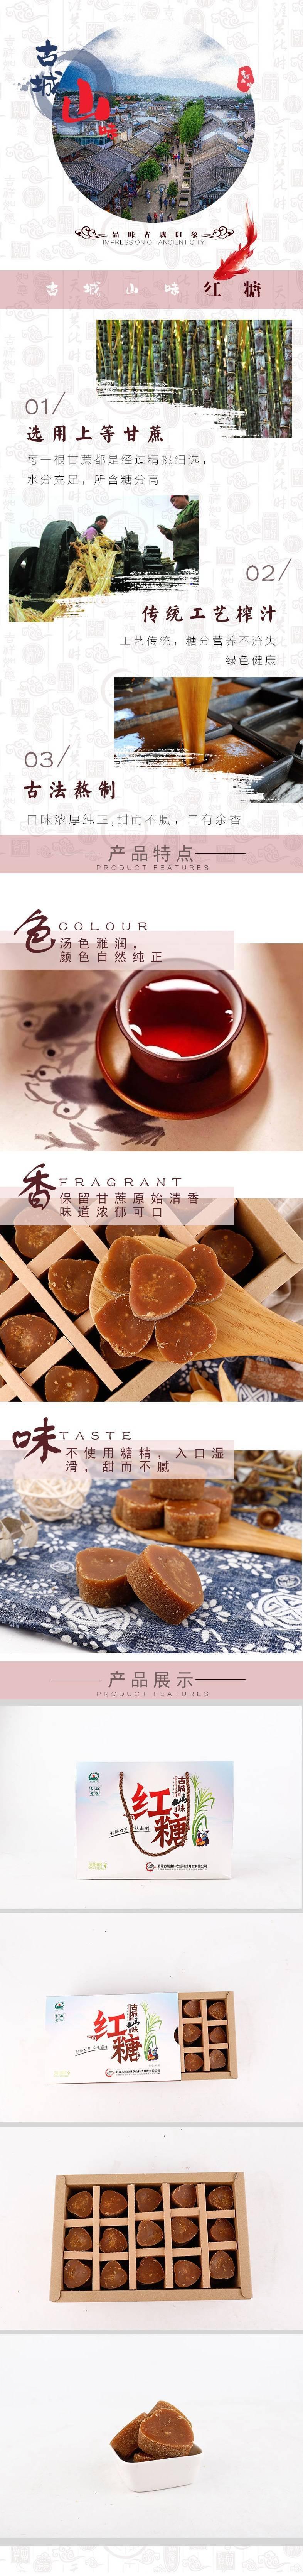 四川特产  大凉山会理古城山味红糖甘蔗红糖纯手工制作礼盒装包油